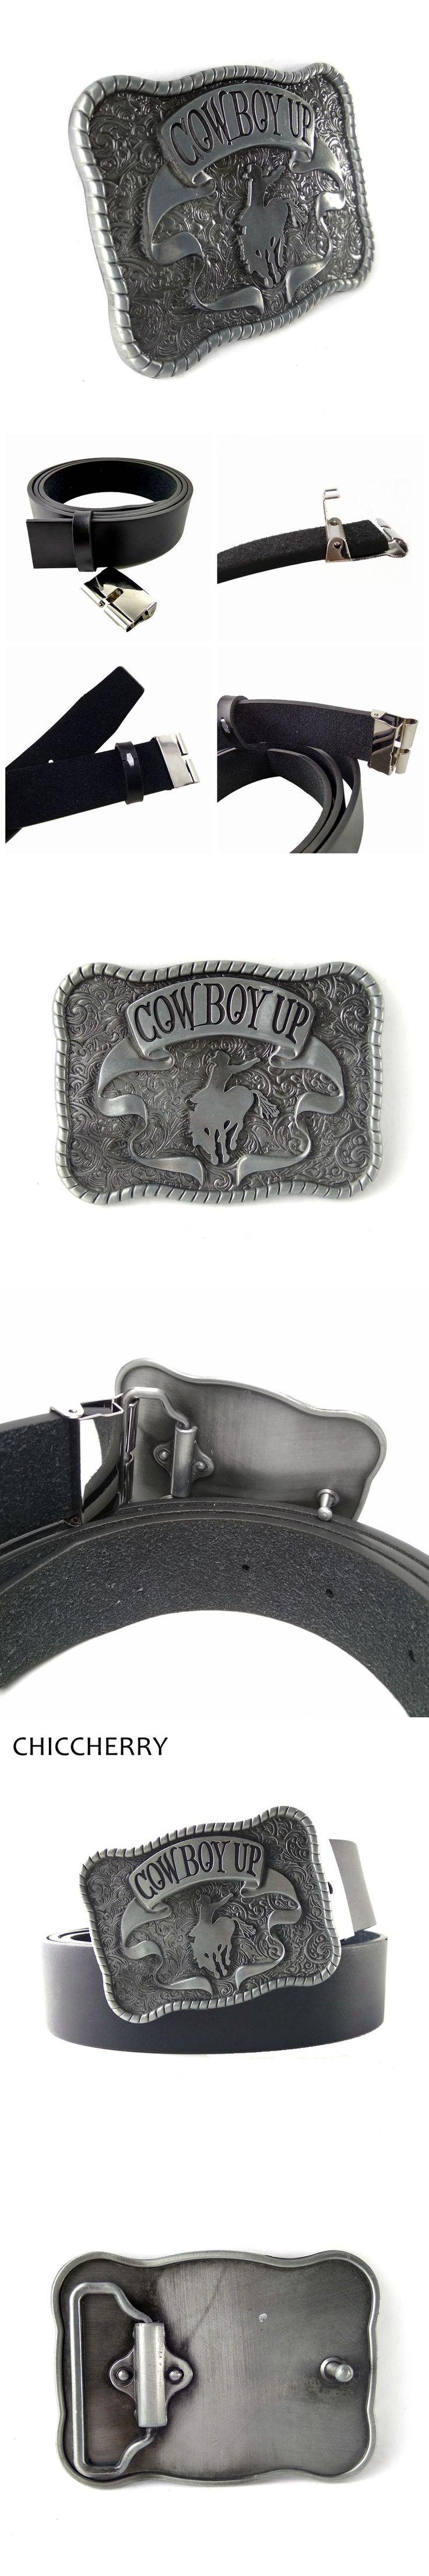 Fashion Western Cowboy Black PU Leather Belts For Men Jeans Cowboy Up Rodeo Metal Belt Buckles Vaqueros Cinto Cinturon Hombre